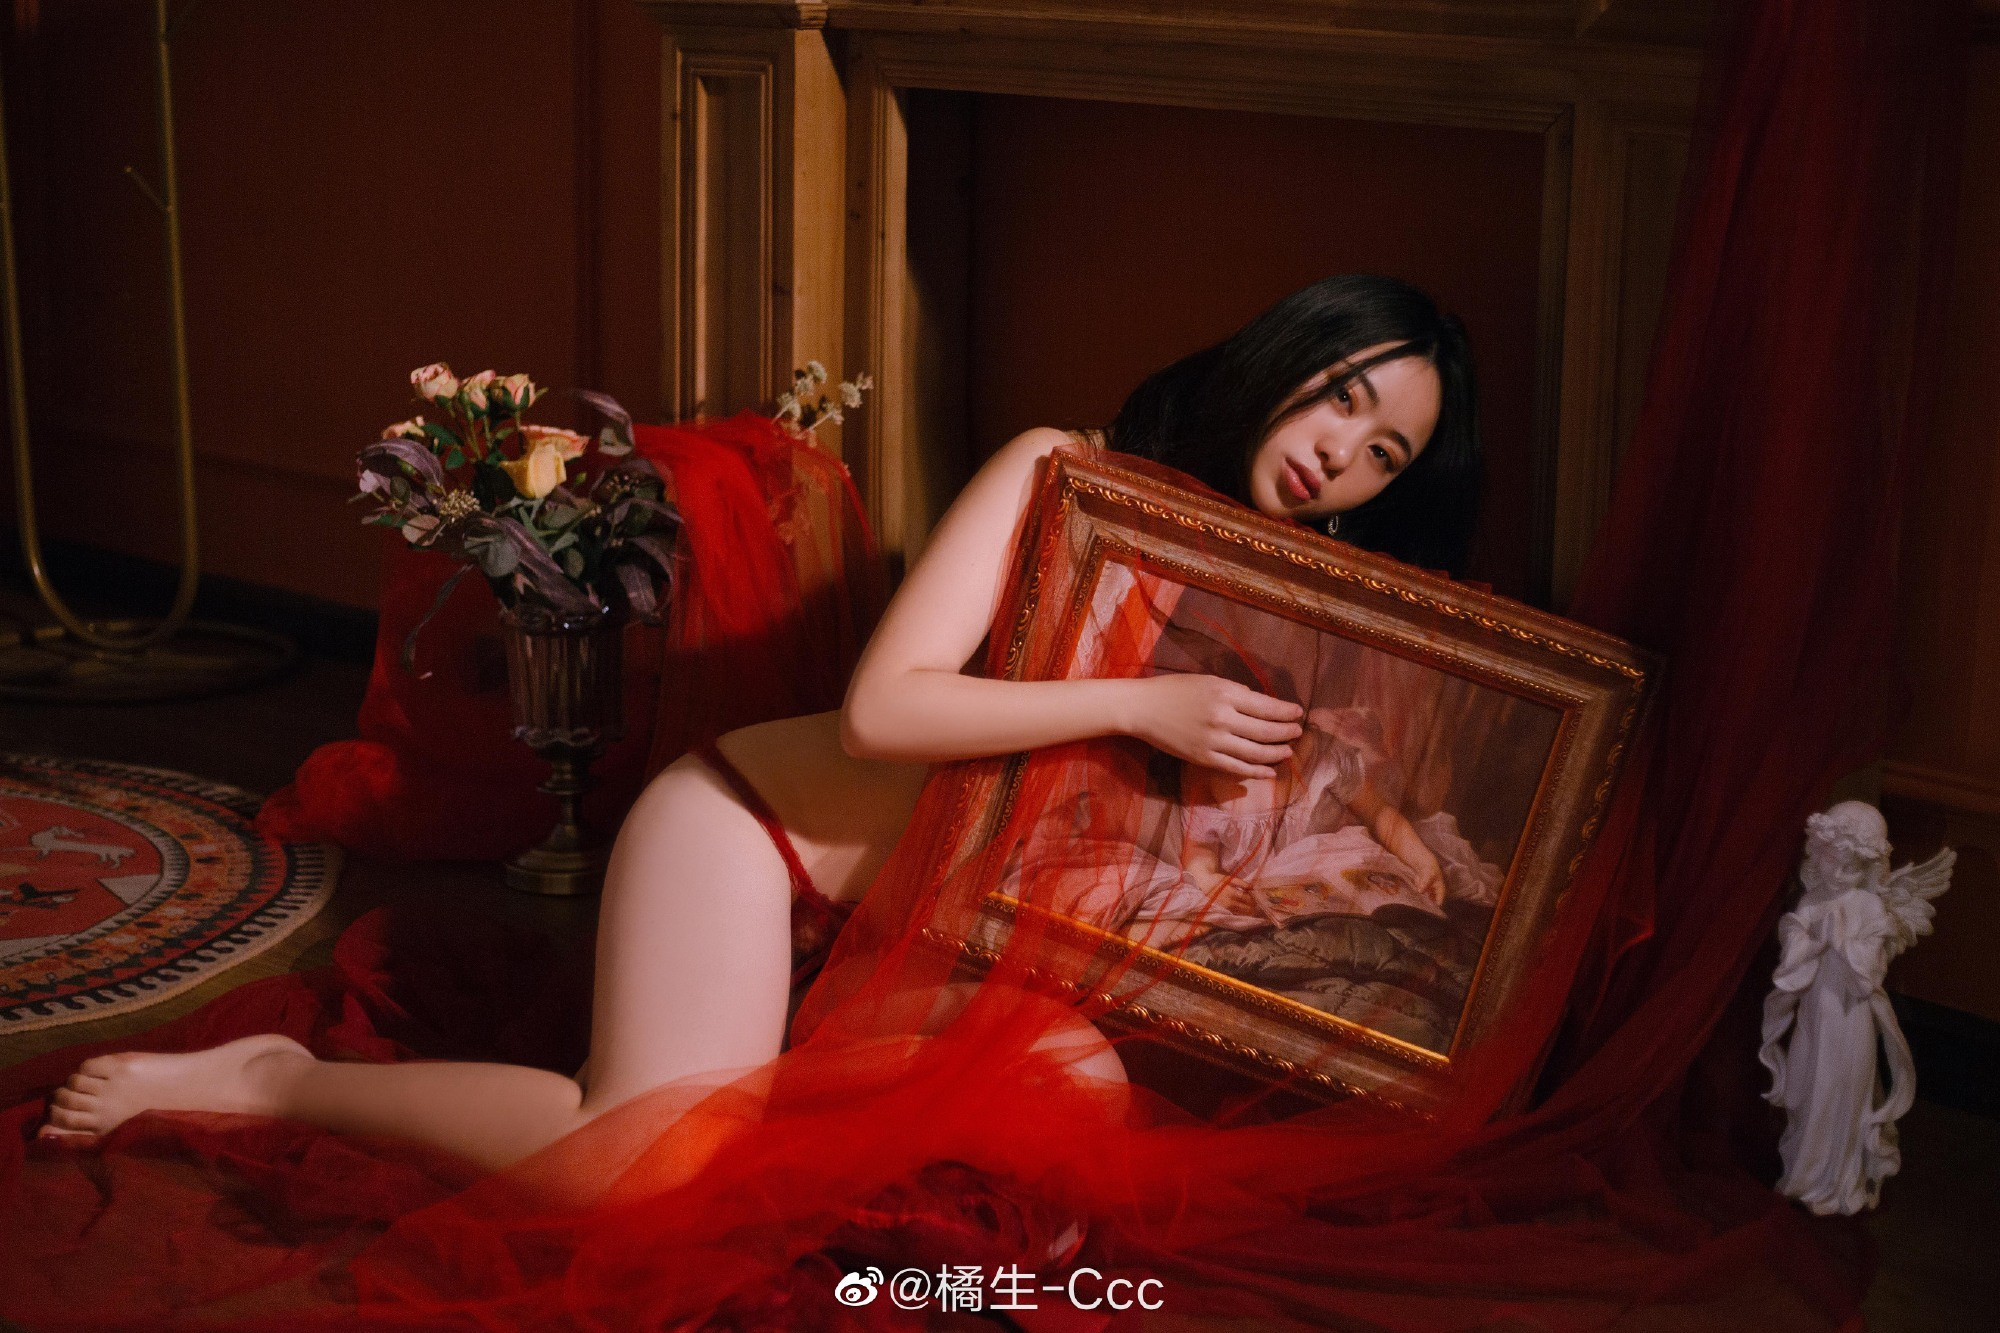 最是人间留不住。轻纱红唯美写真